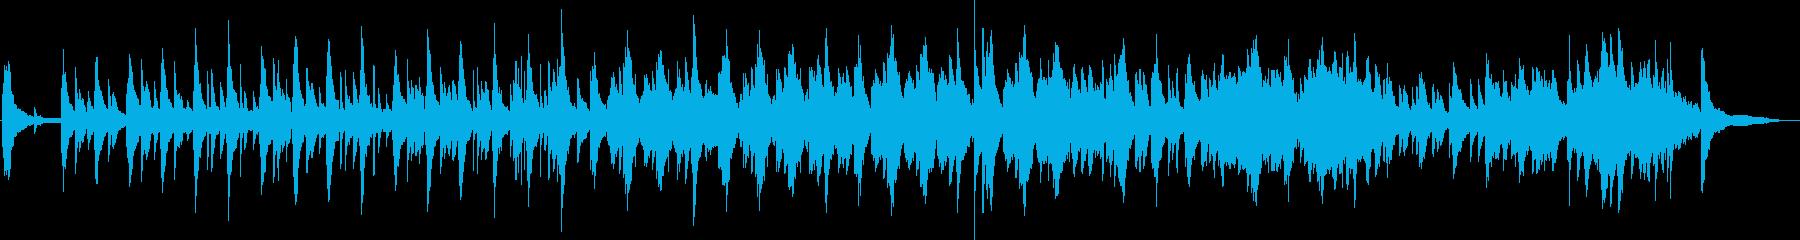 Piano フルート 癒し系 ヒーリングの再生済みの波形